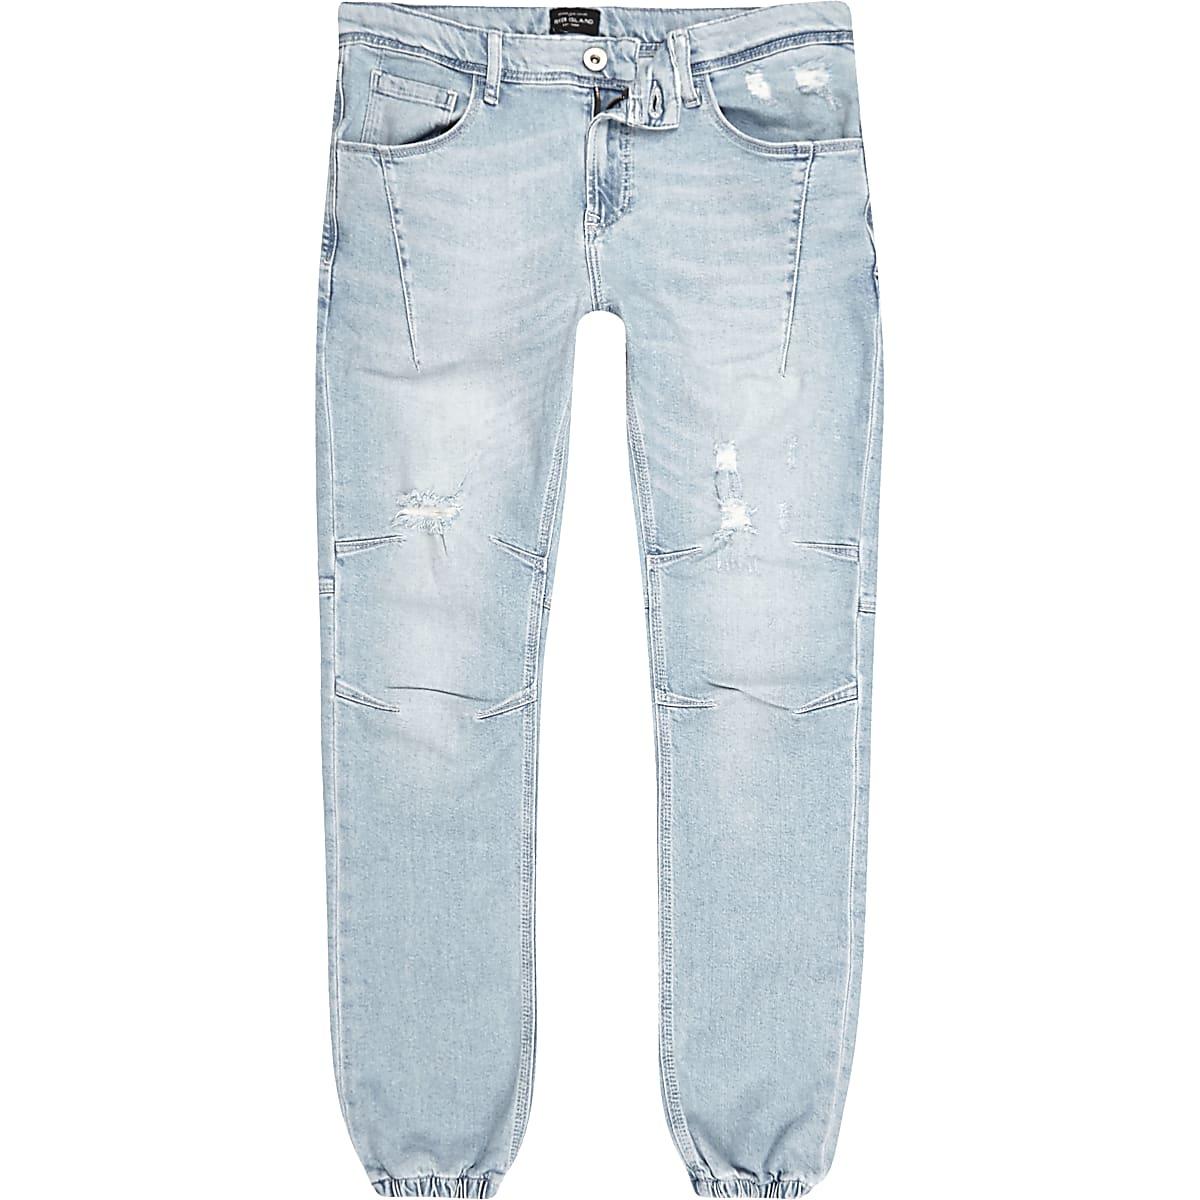 Light blue bleach Ryan jogger jeans